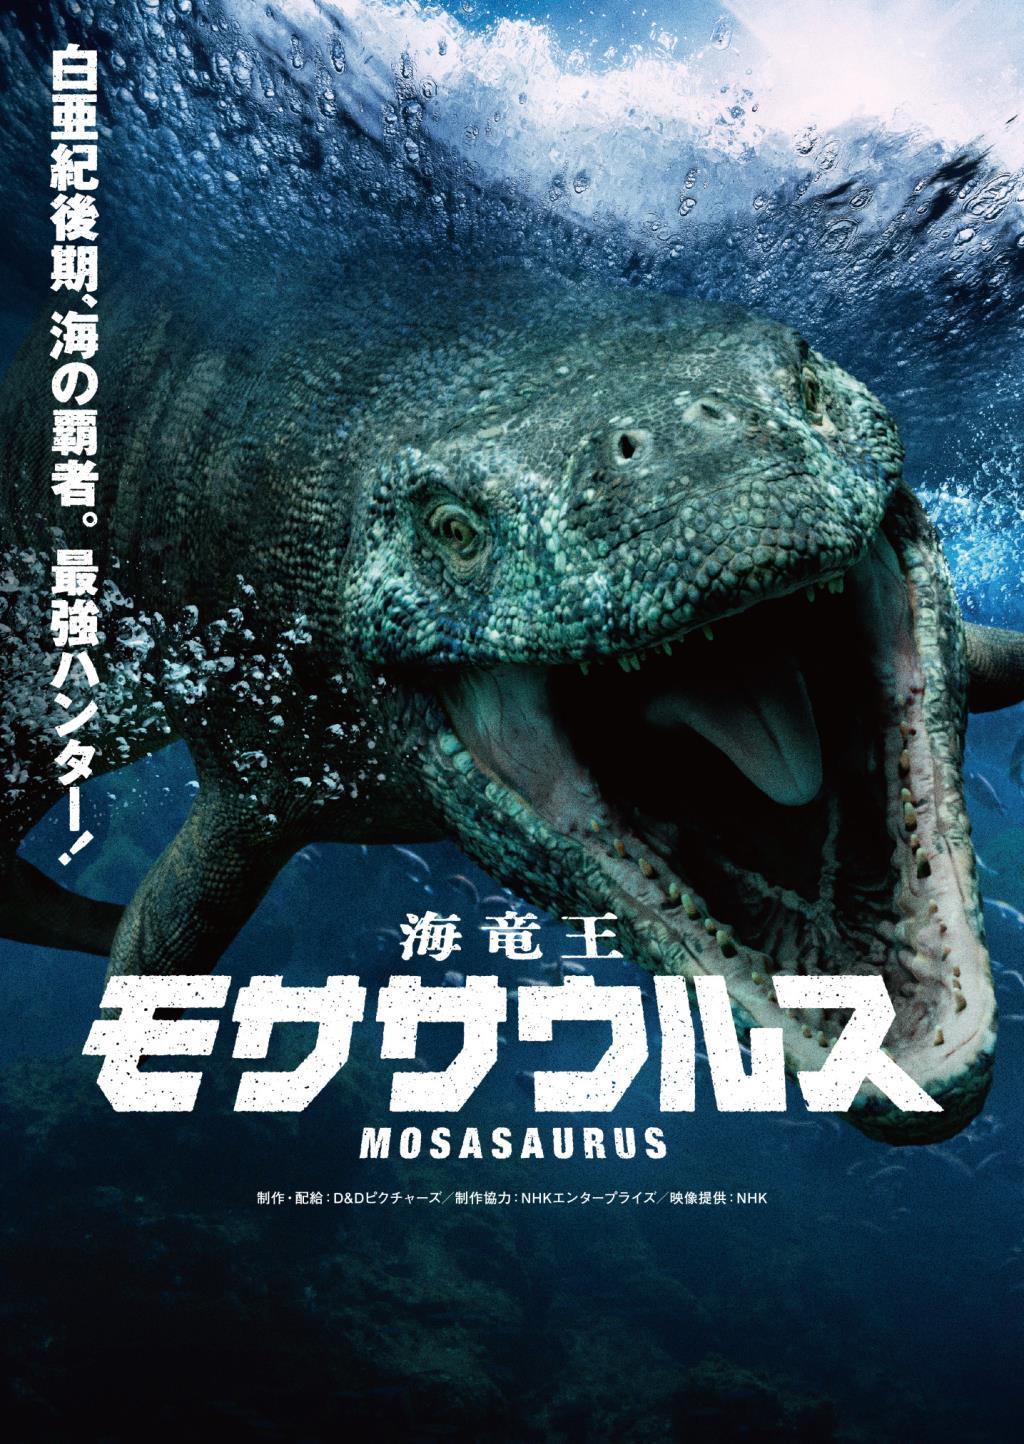 ドームシネマ「海竜王 モササウルス」